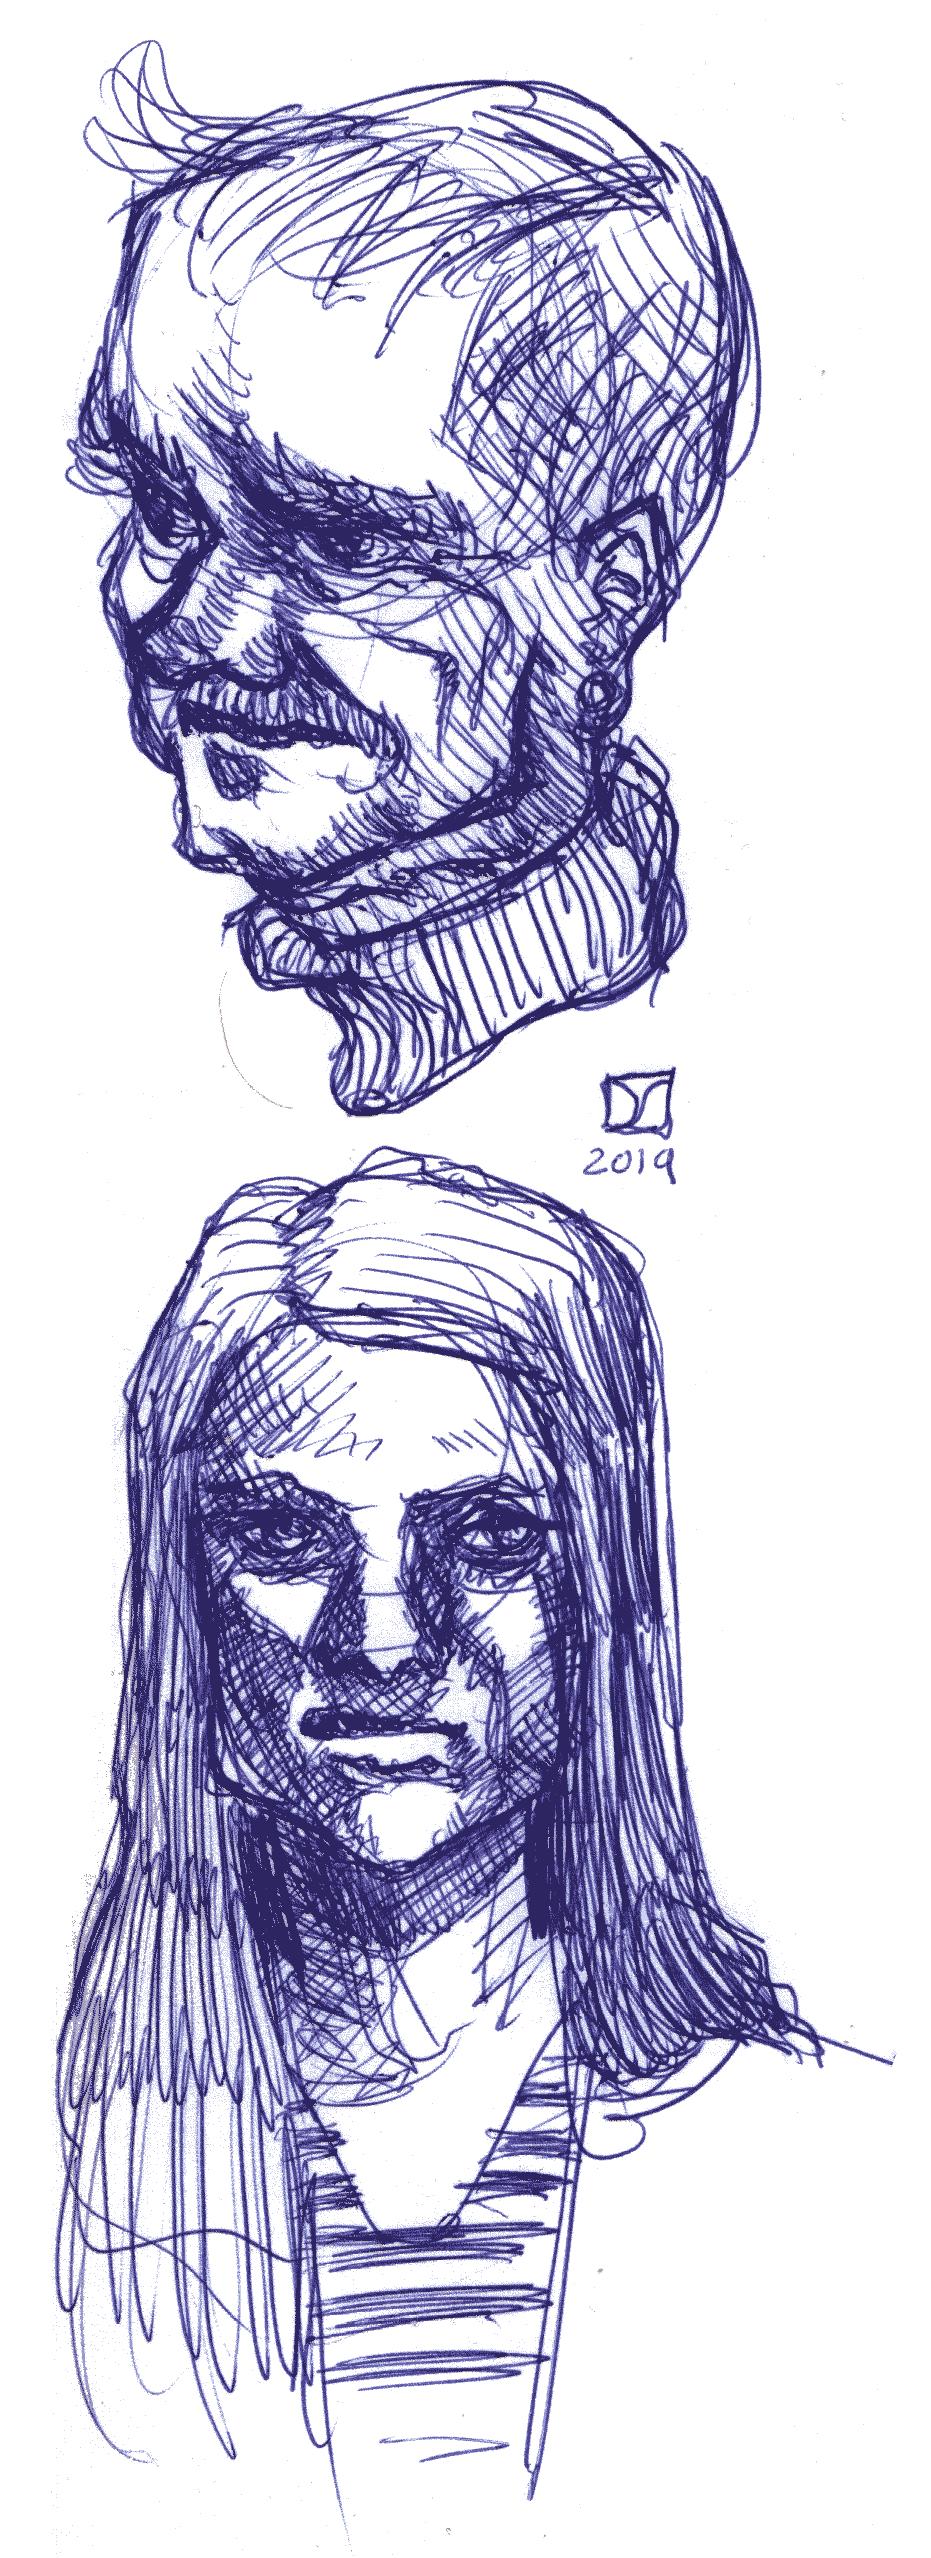 LEM bic doodles